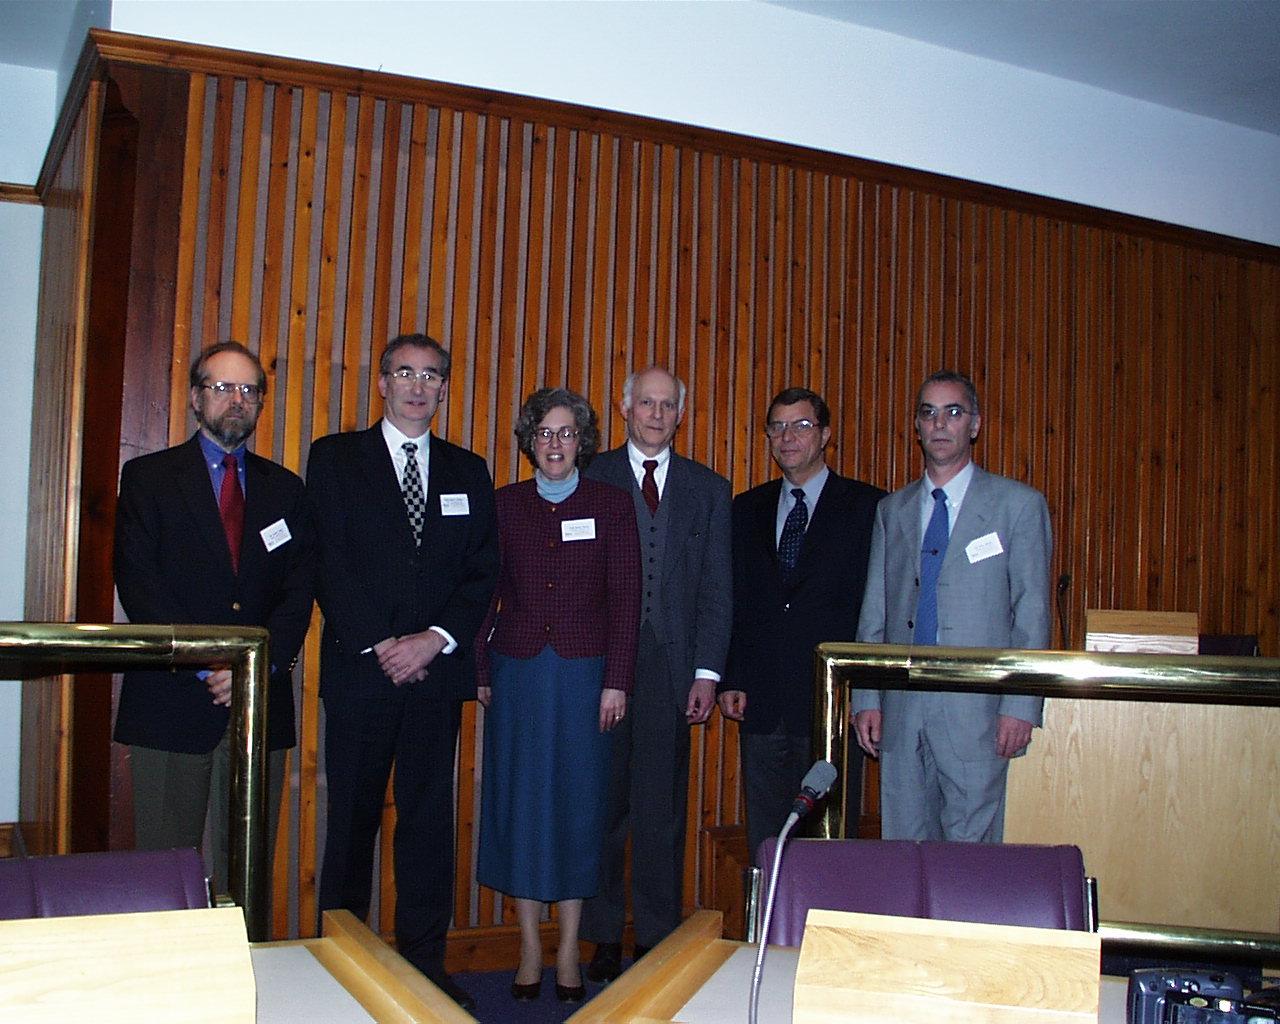 Bruker Prize winners 2002 Sandra and Gareth Eaton with Bruker representatives